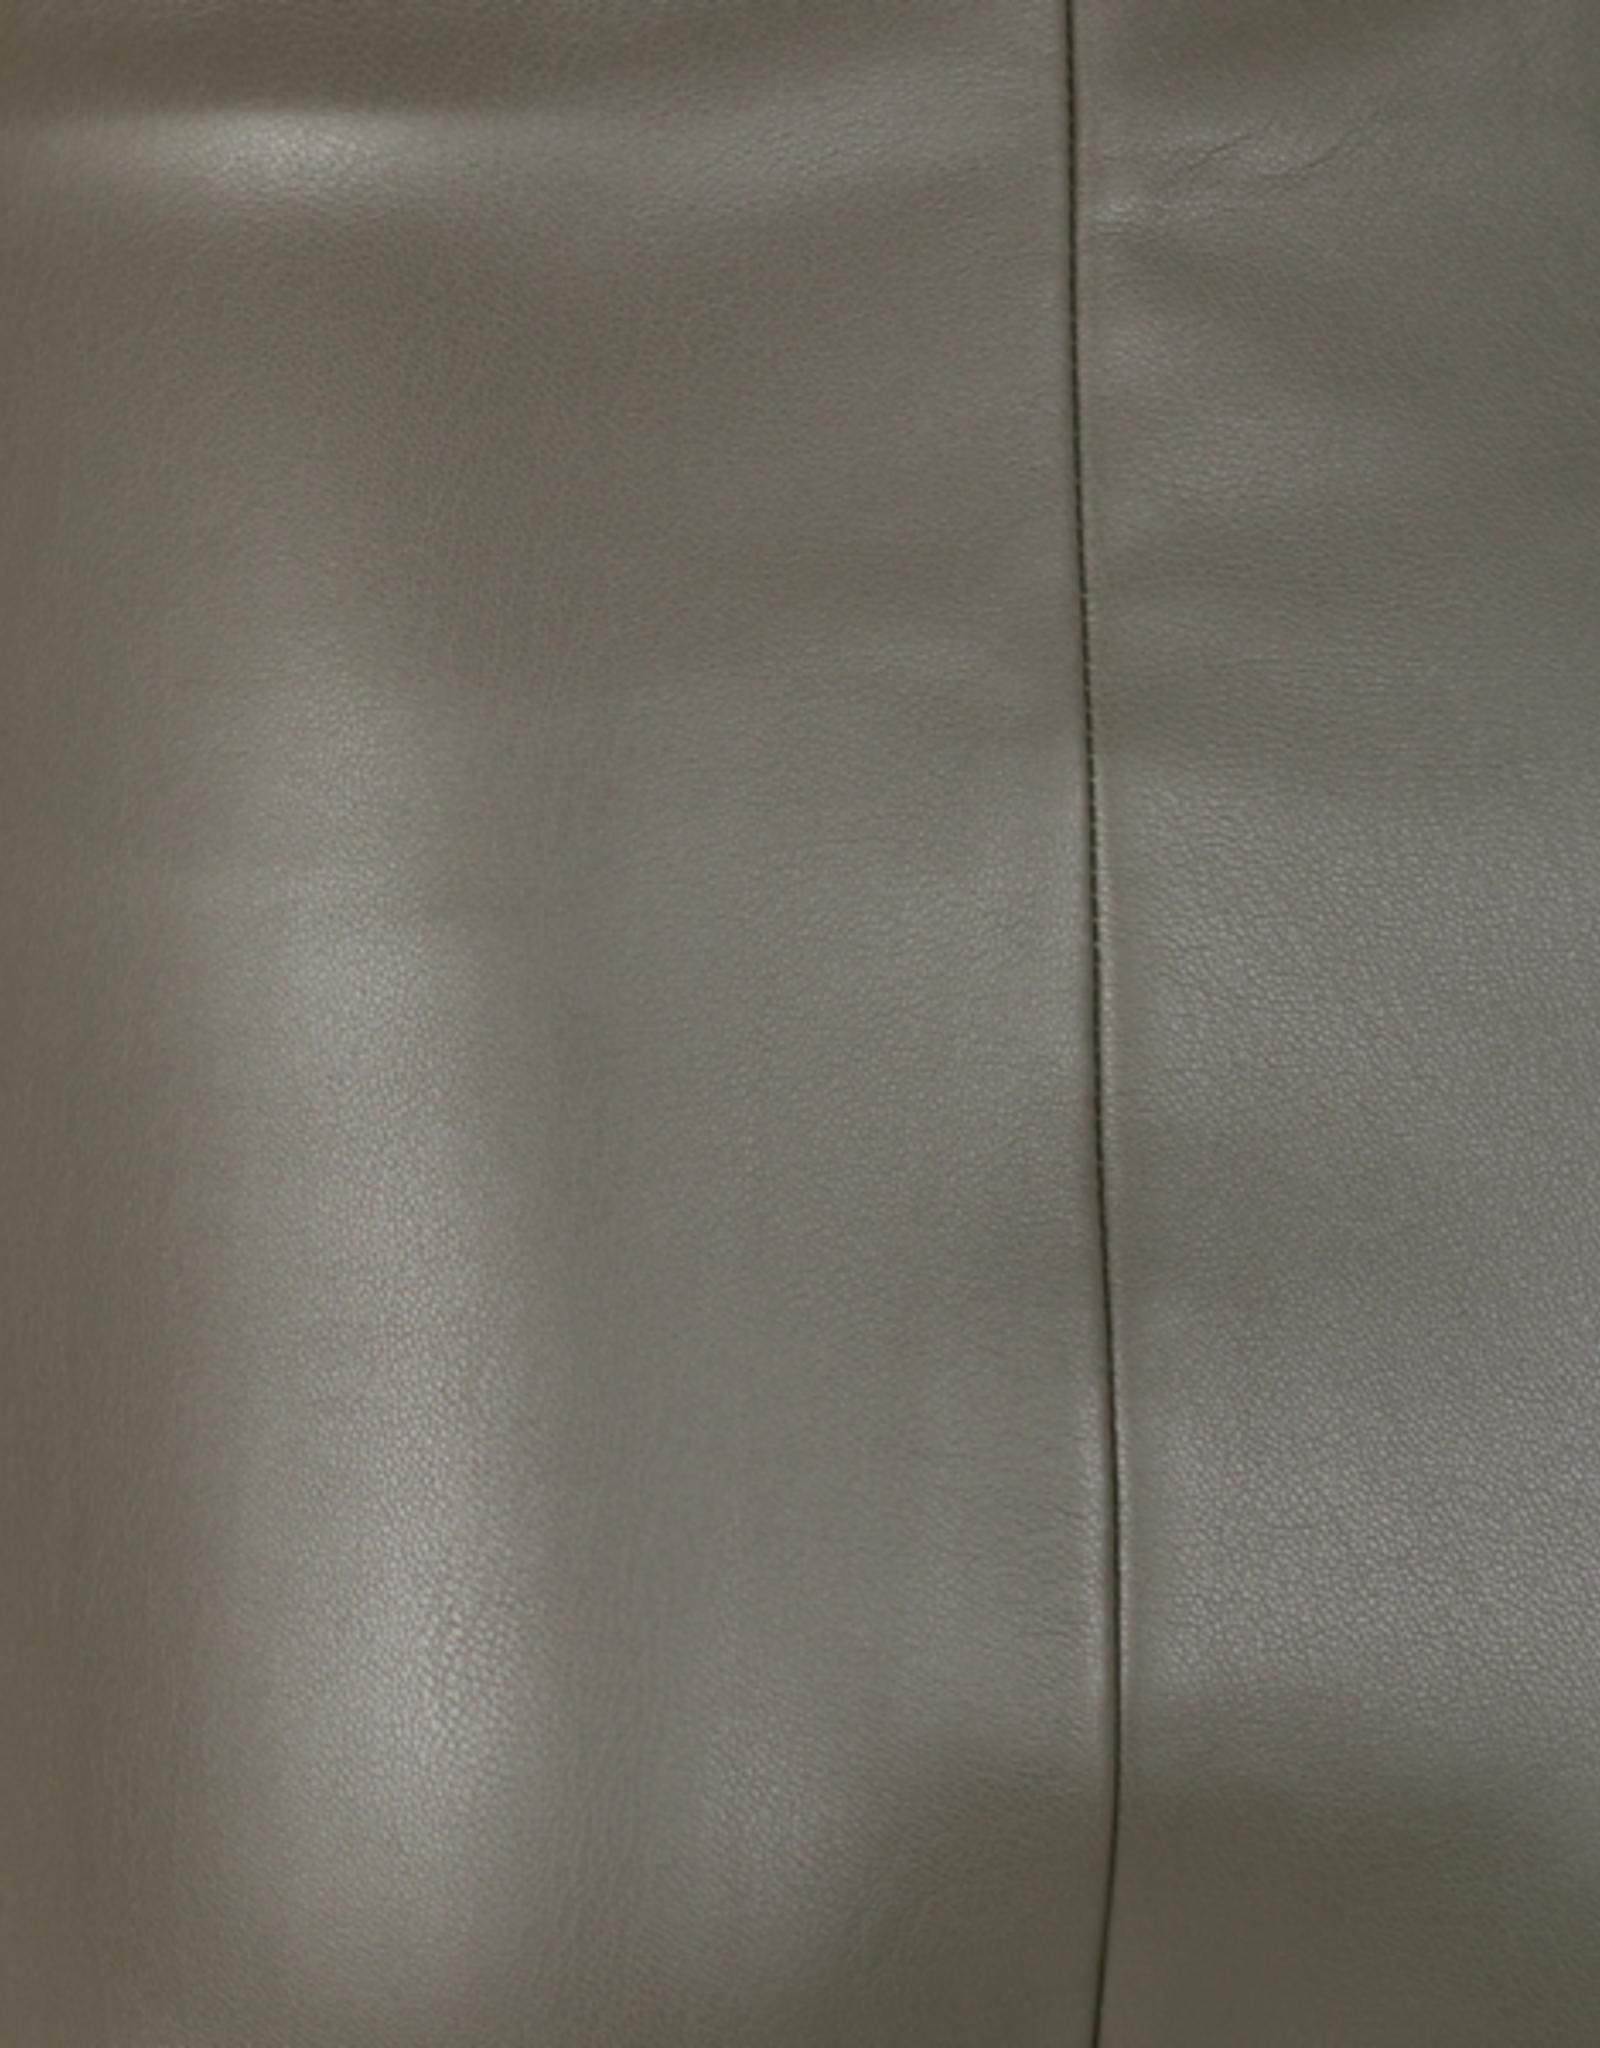 Free/quent Super comfortabele broek - imitatieleder - kleur: kaki/grijs/bruin